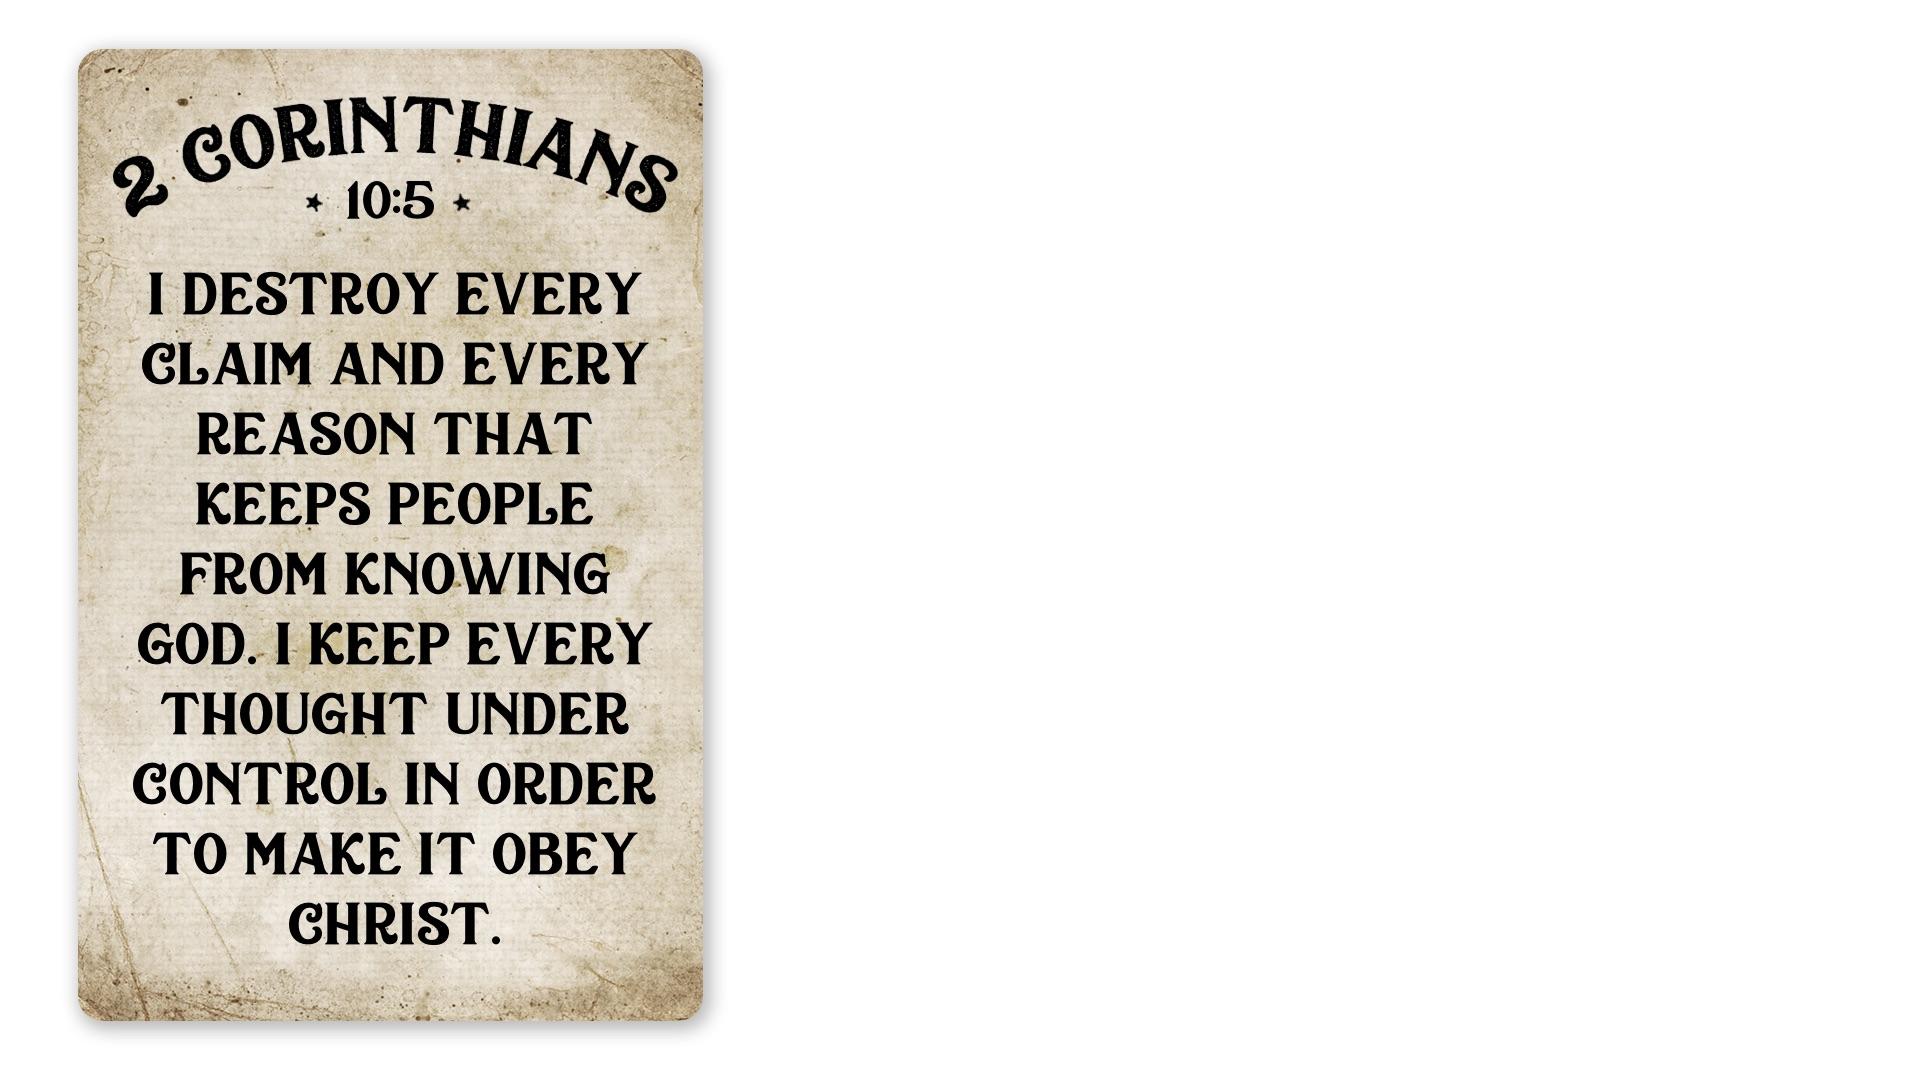 07 - 2 Corinthians 10:5 (PNG)